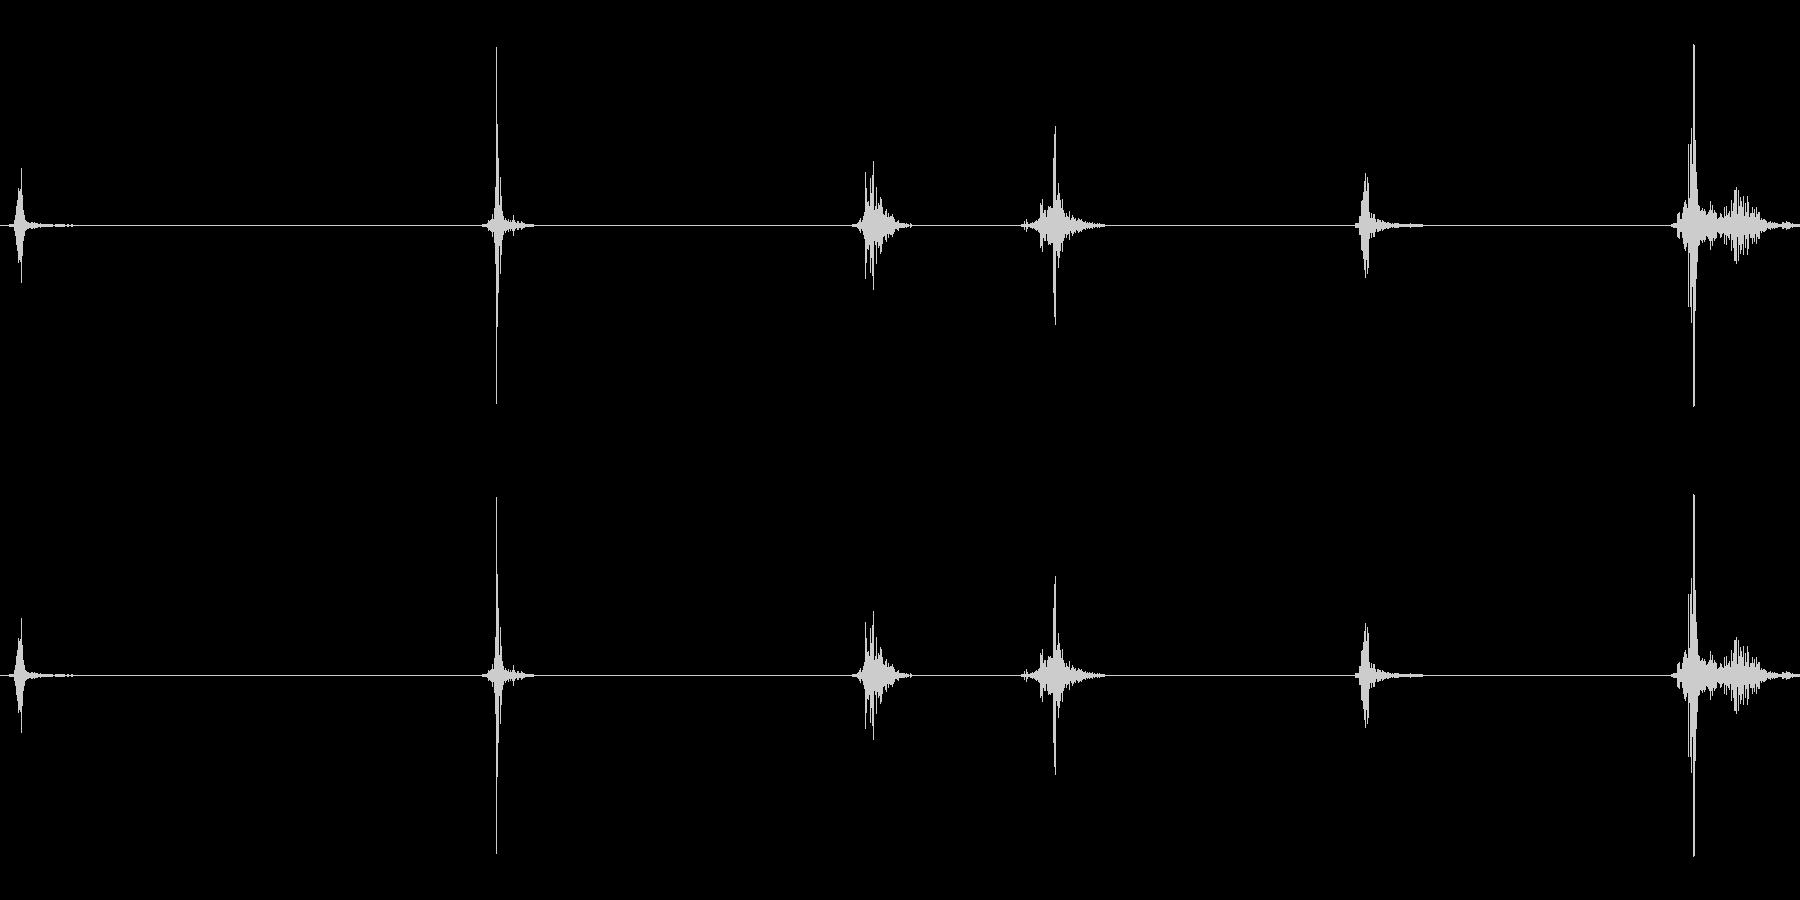 ボディパット、フォーリーの未再生の波形